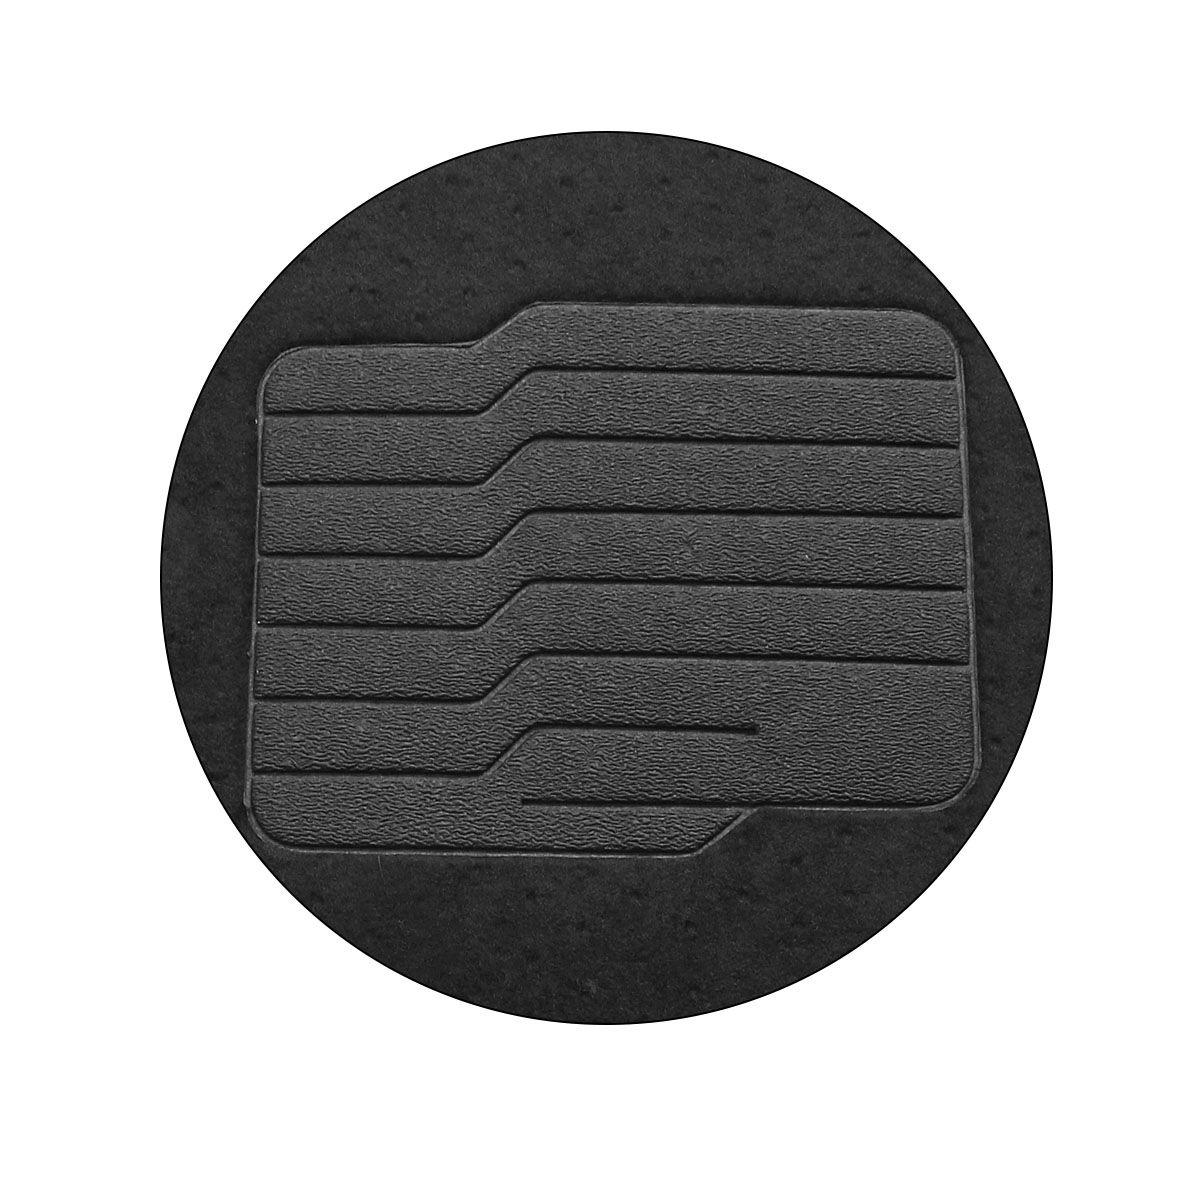 Jogo Tapete Carpete Ecosport 2013 a 2019 Preto Fixação Original